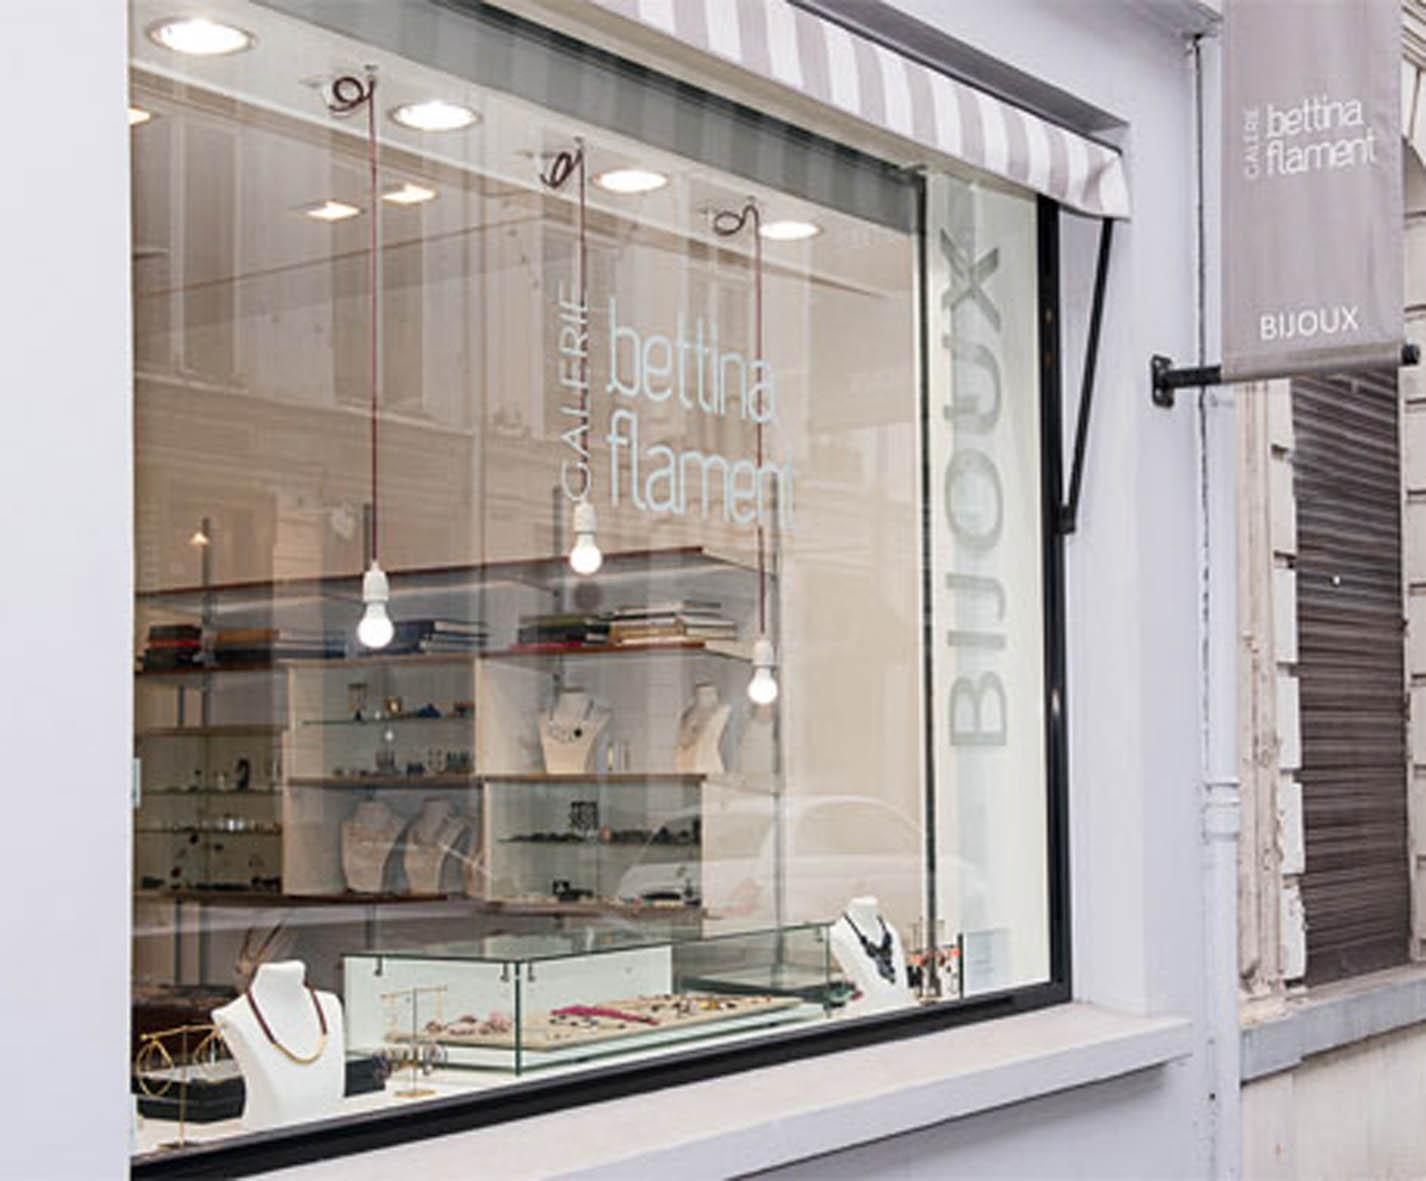 Bettina Flament Boutique.jpg